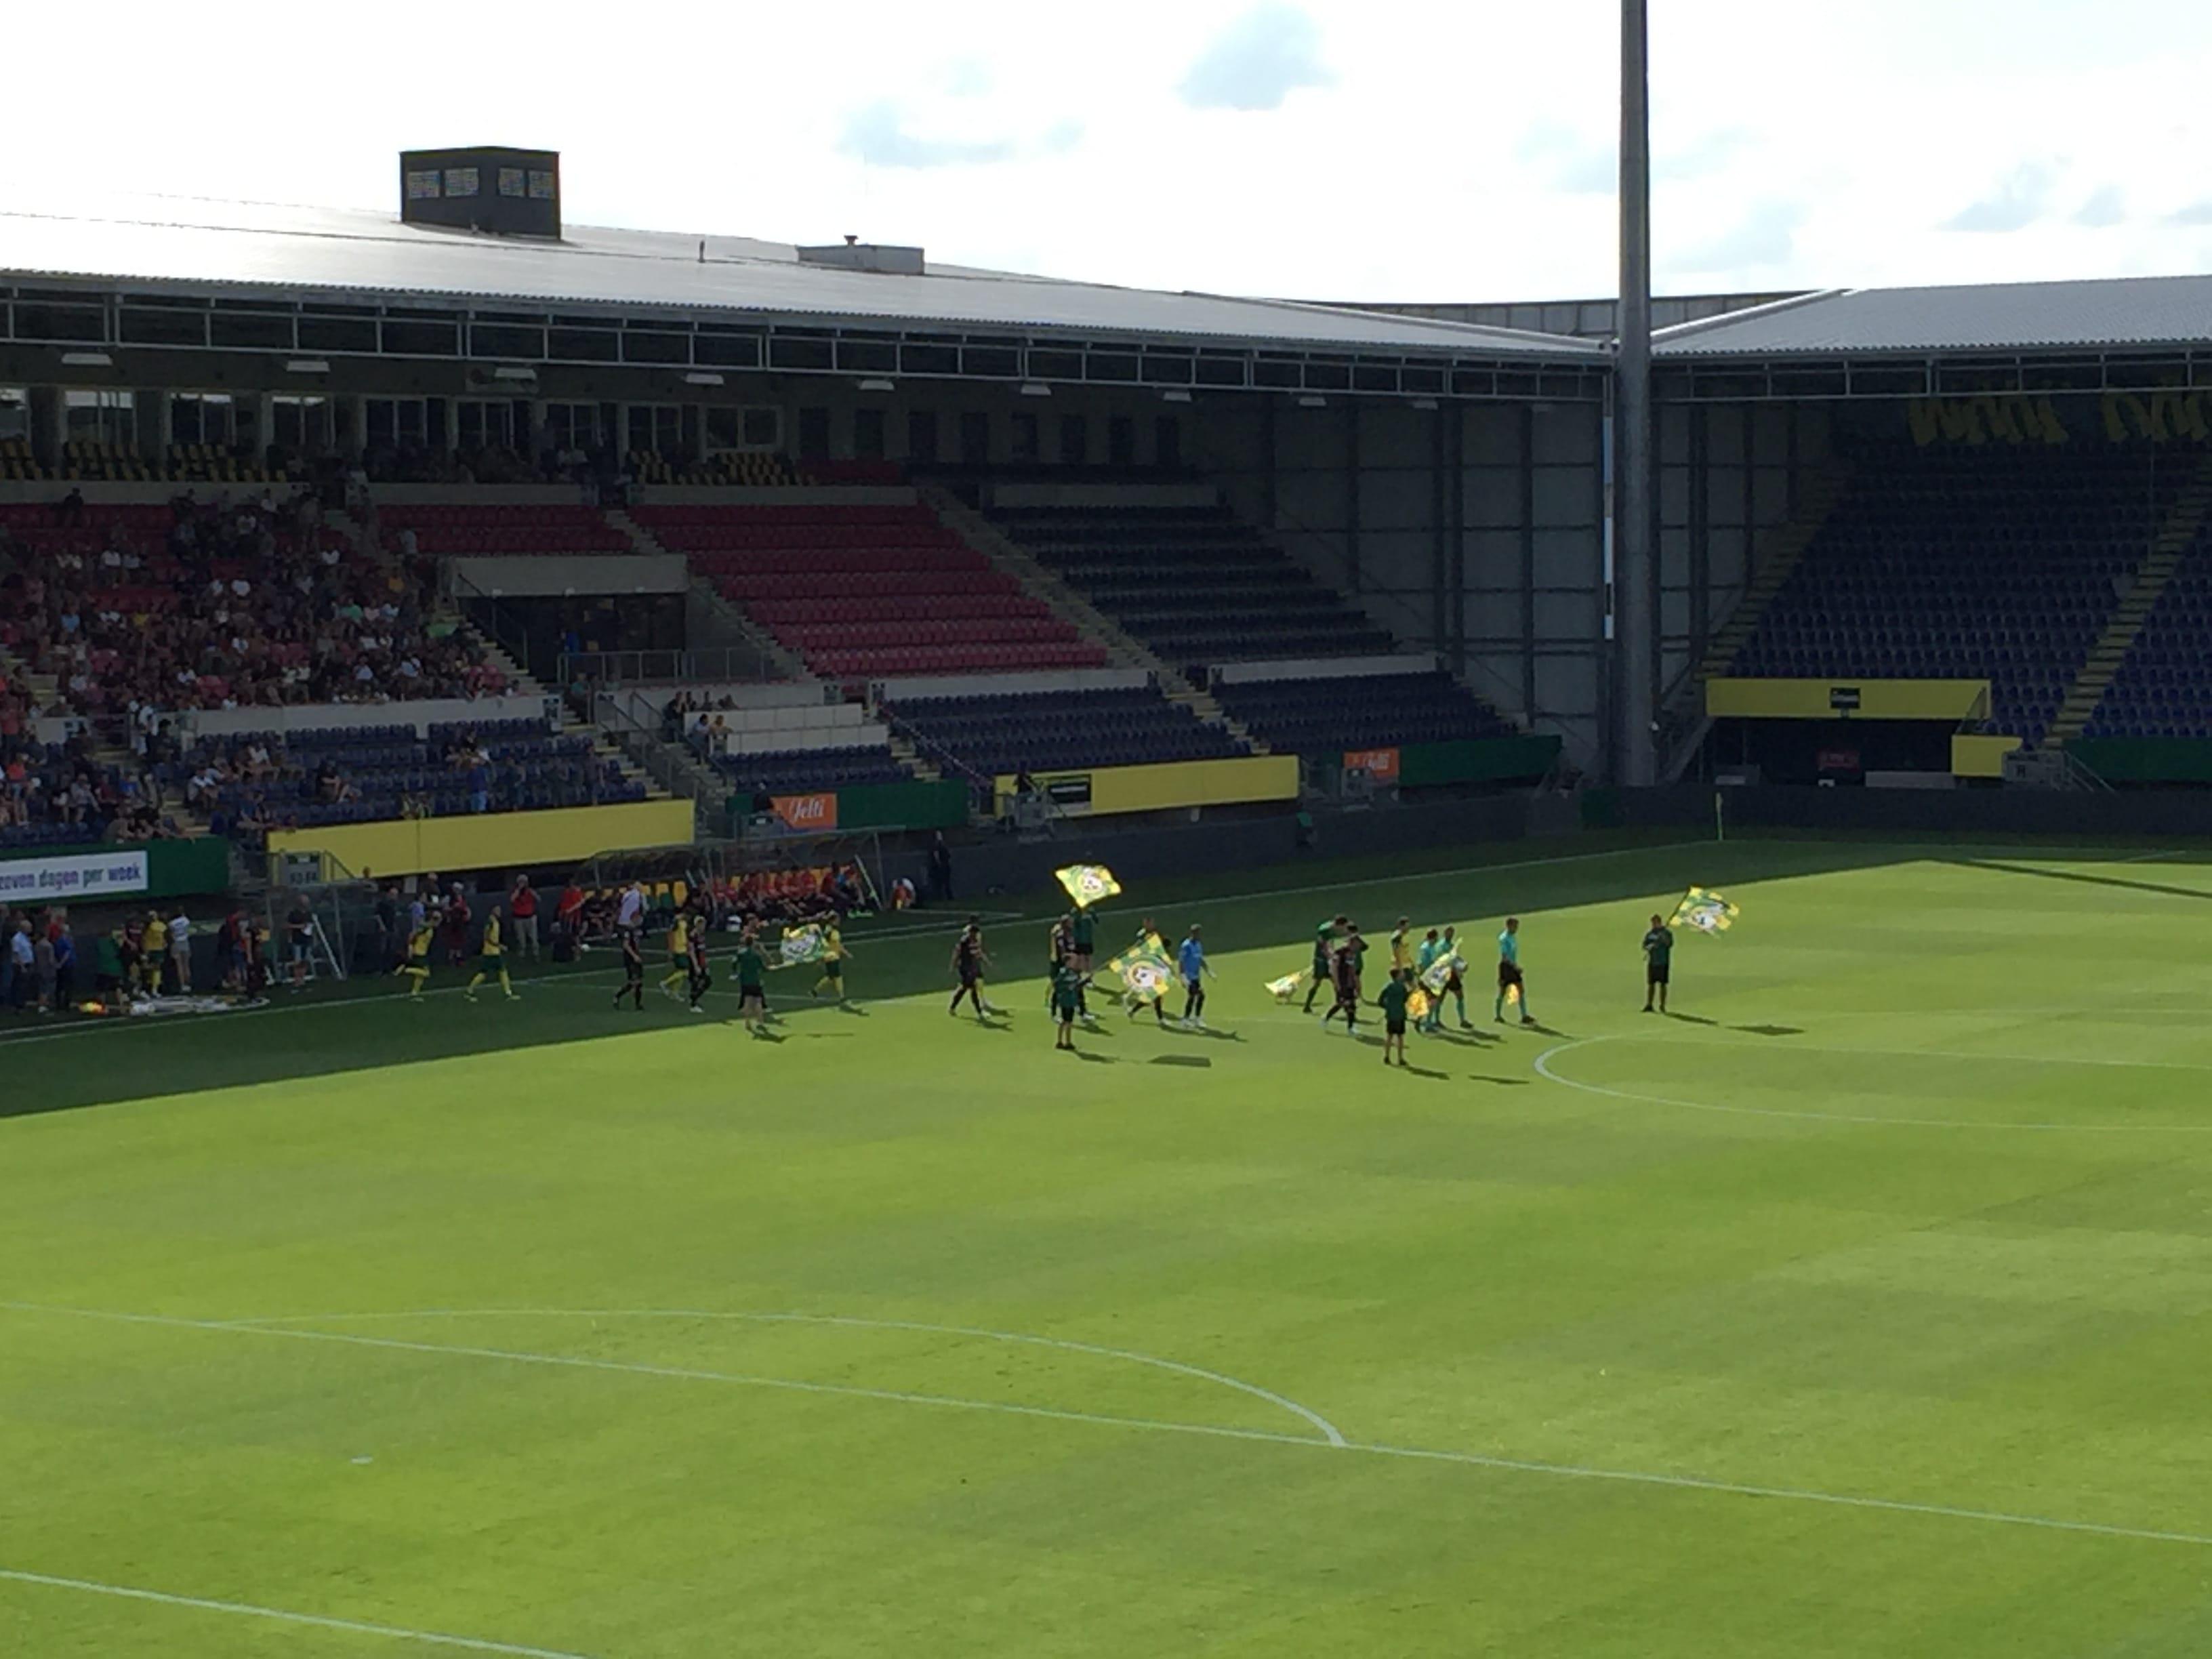 Fortuna Sittard 0 Bayer Leverkusen 2